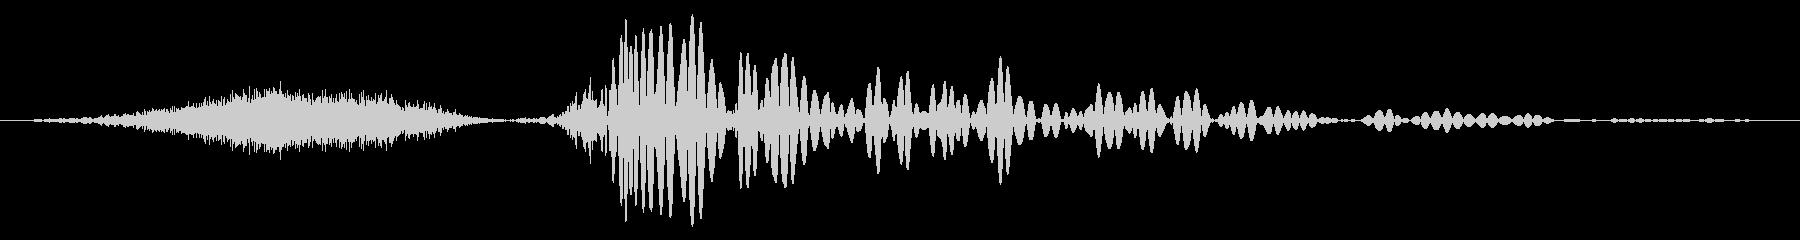 北極の蝶、フィズサブヒット。 6チ...の未再生の波形